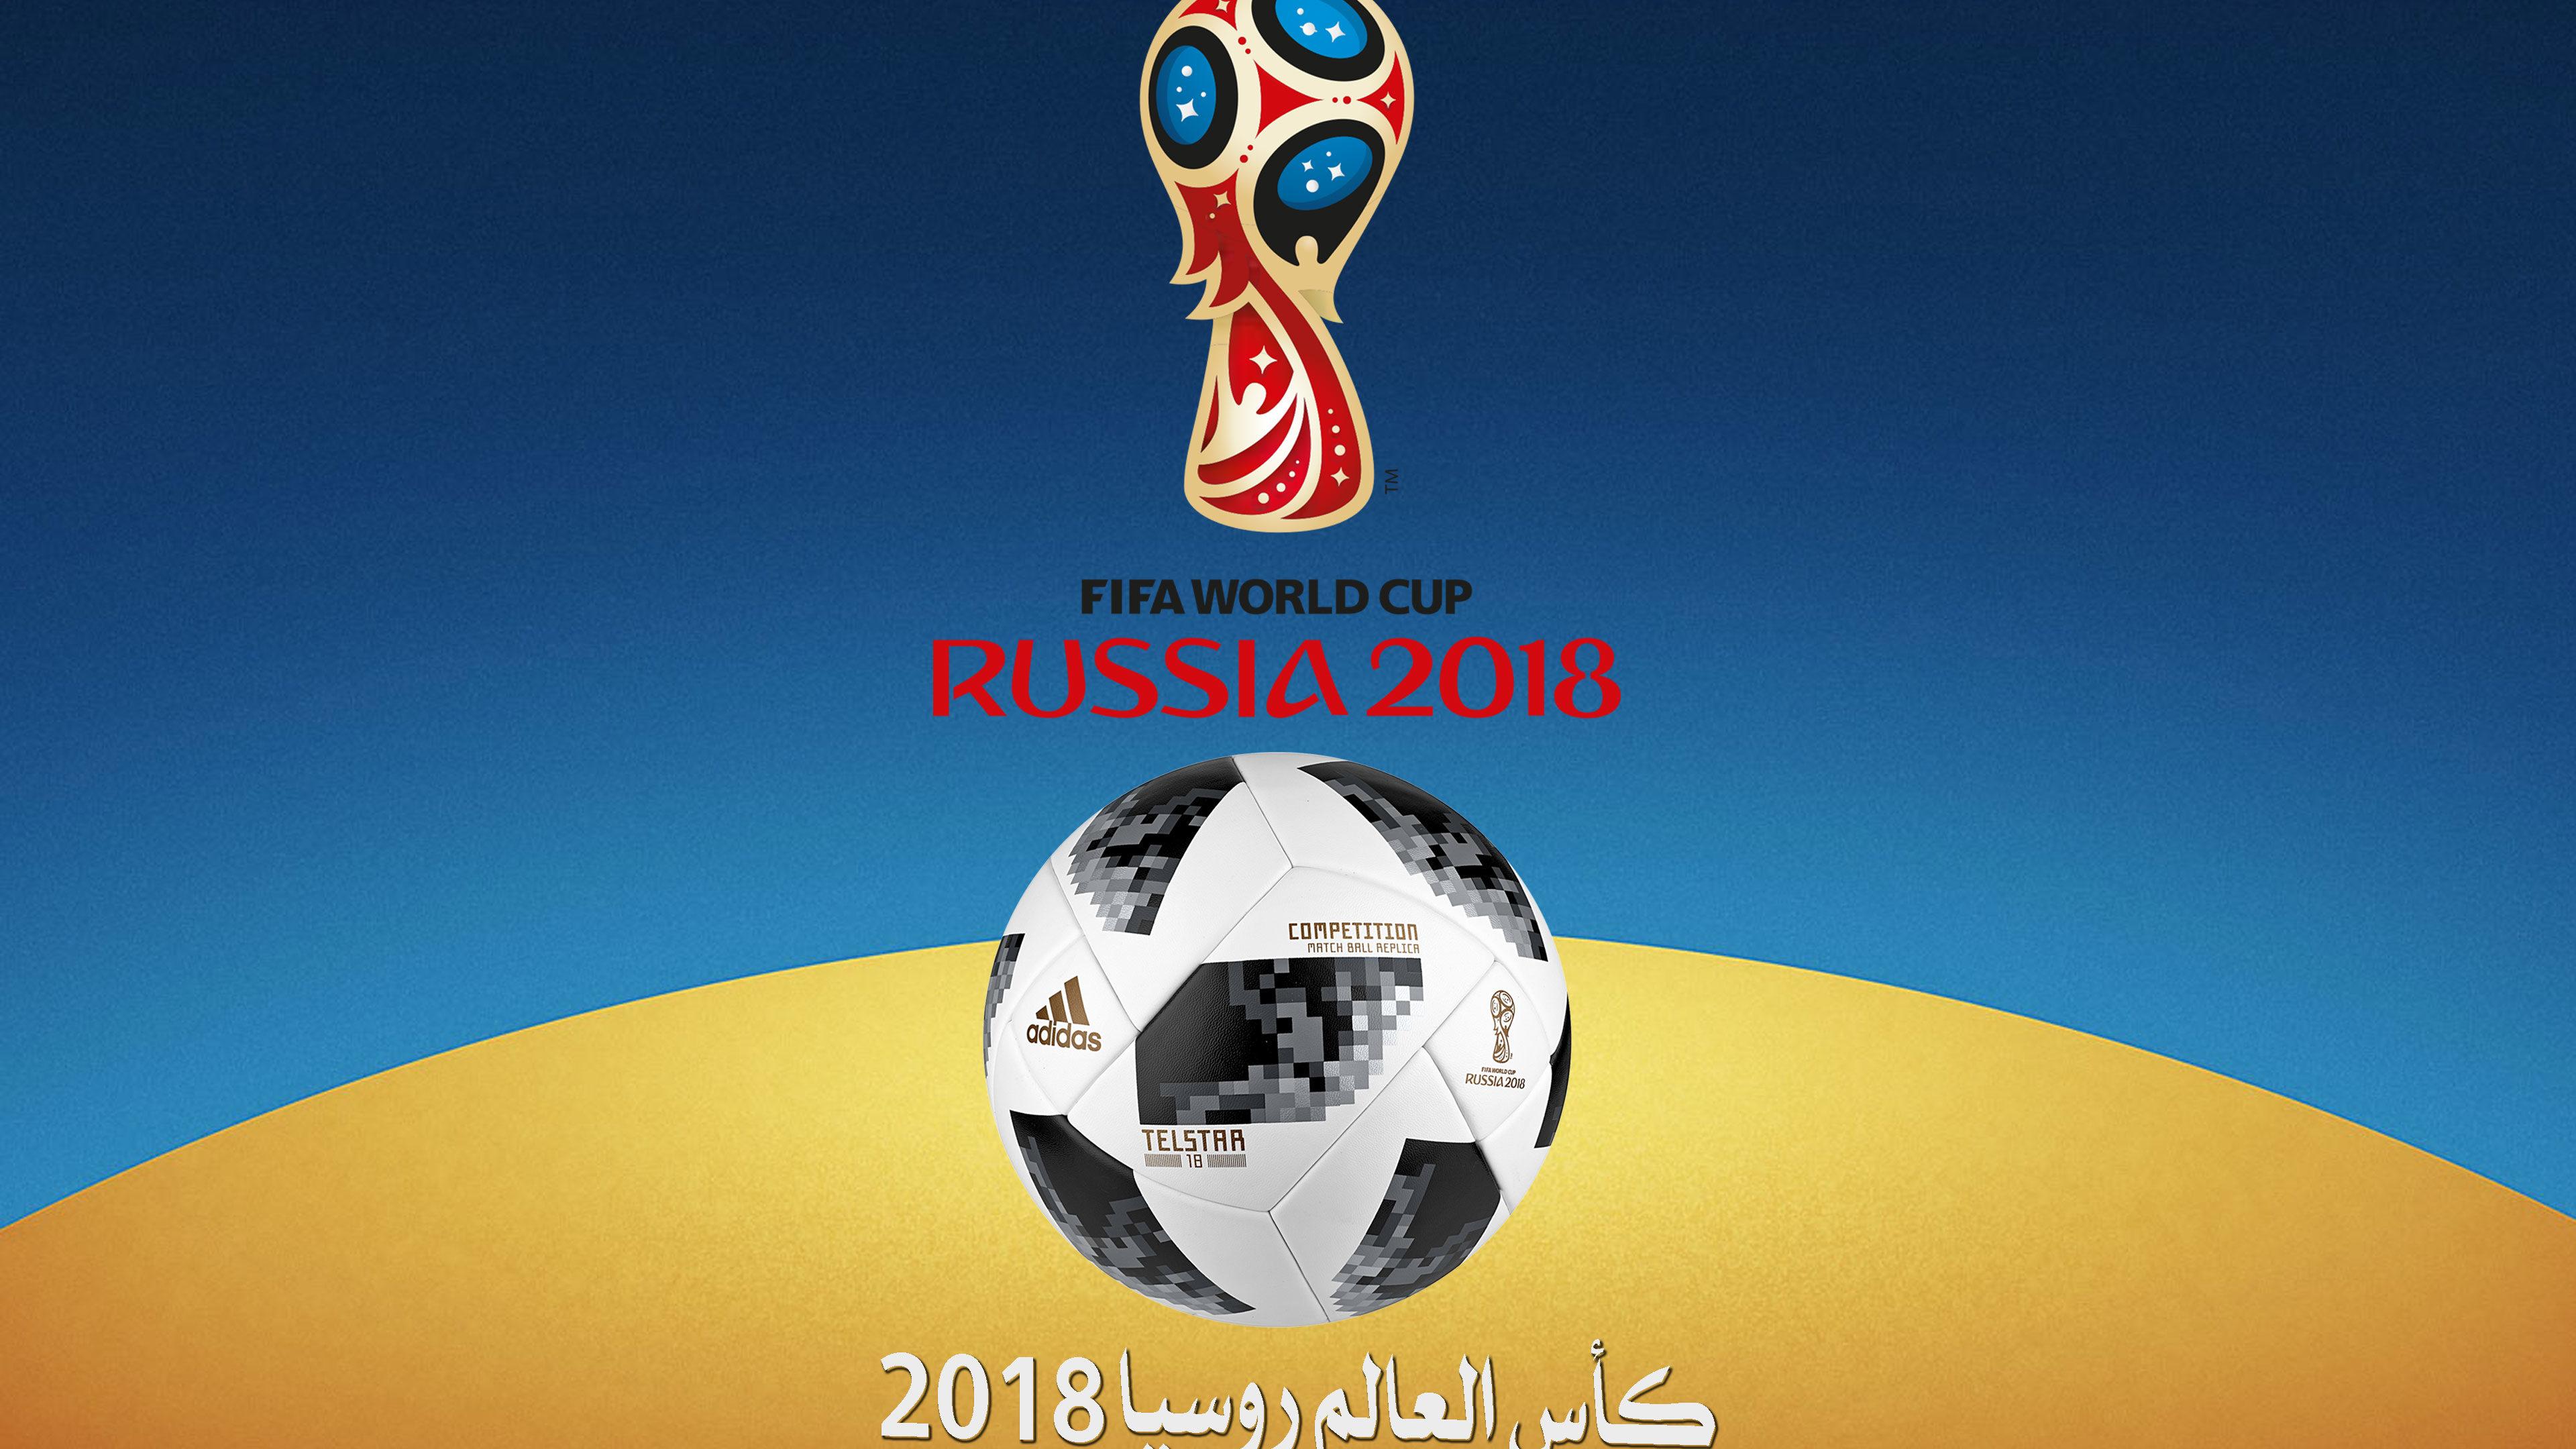 خلفيات كرة كأس العالم 2018-خلفيات فور يو